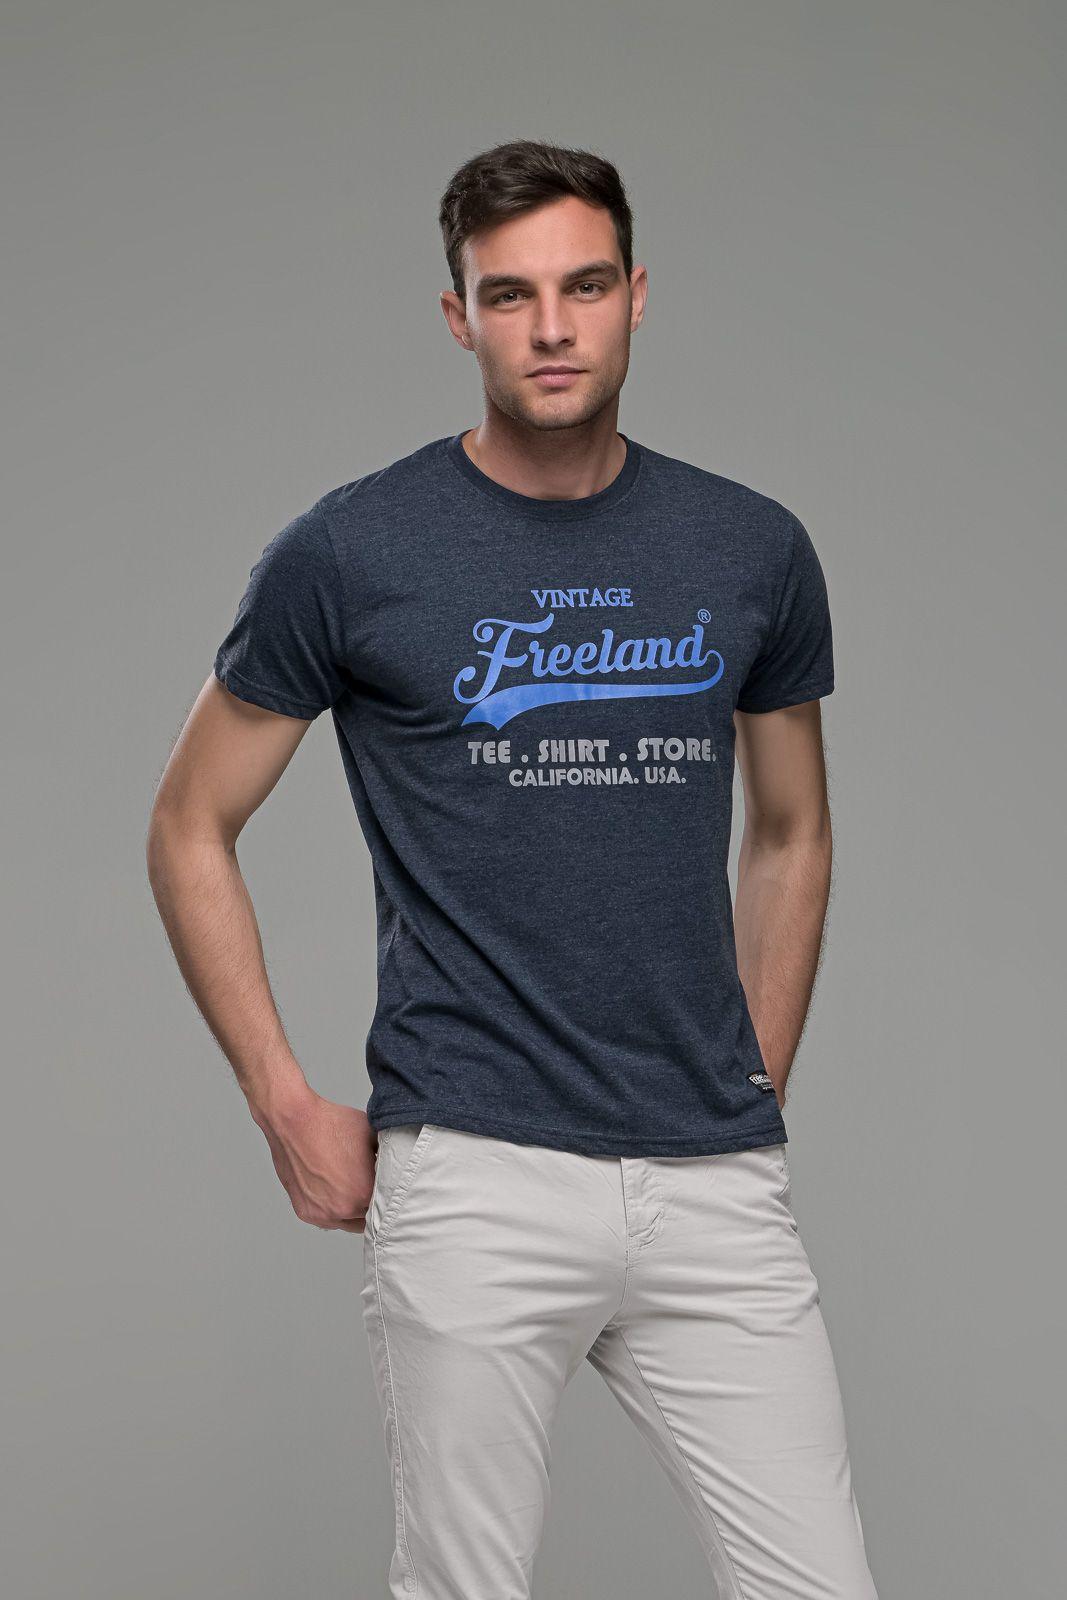 φθηνό casual Μπλε Μελανζέ ανδρικό κοντομάνικο T-SHIRT FR με Στάμπα TEE SHIRT STORE καλοκαιρινό μπλουζάκι